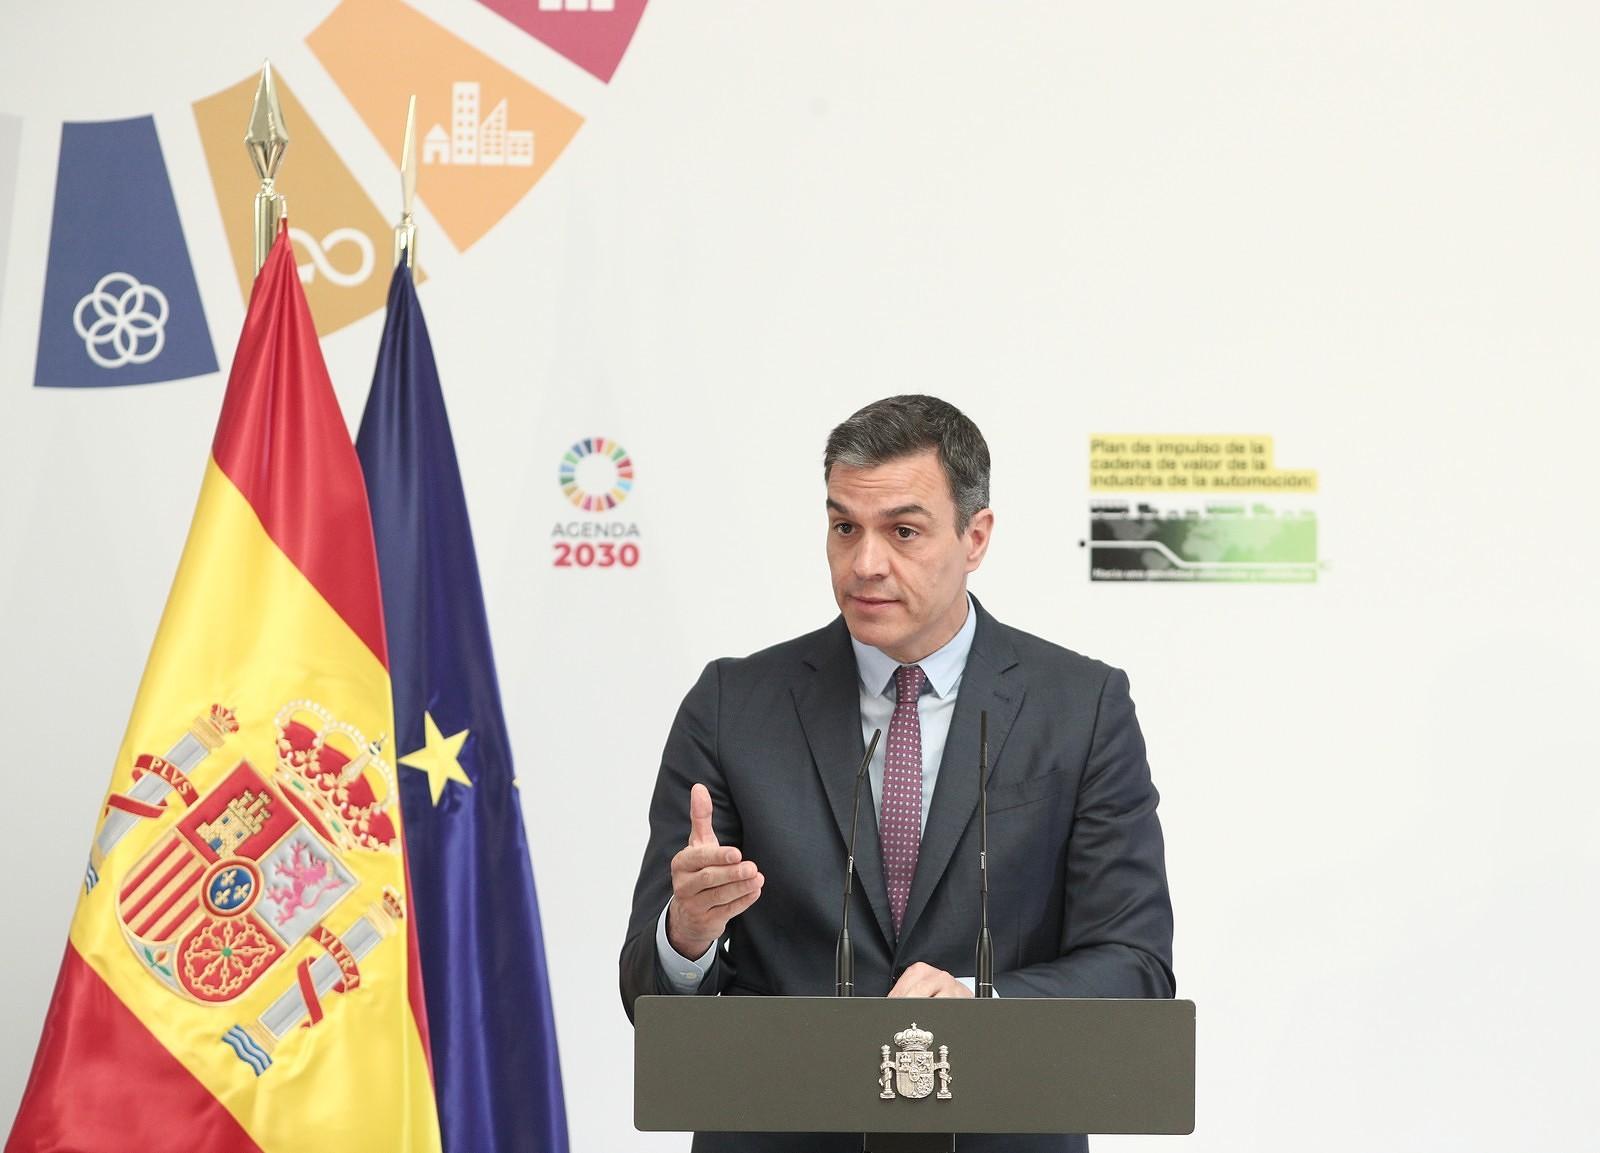 El Gobierno aprueba el Plan Covid-19 con 16.000 millones de euros para las Comunidades Autónomas